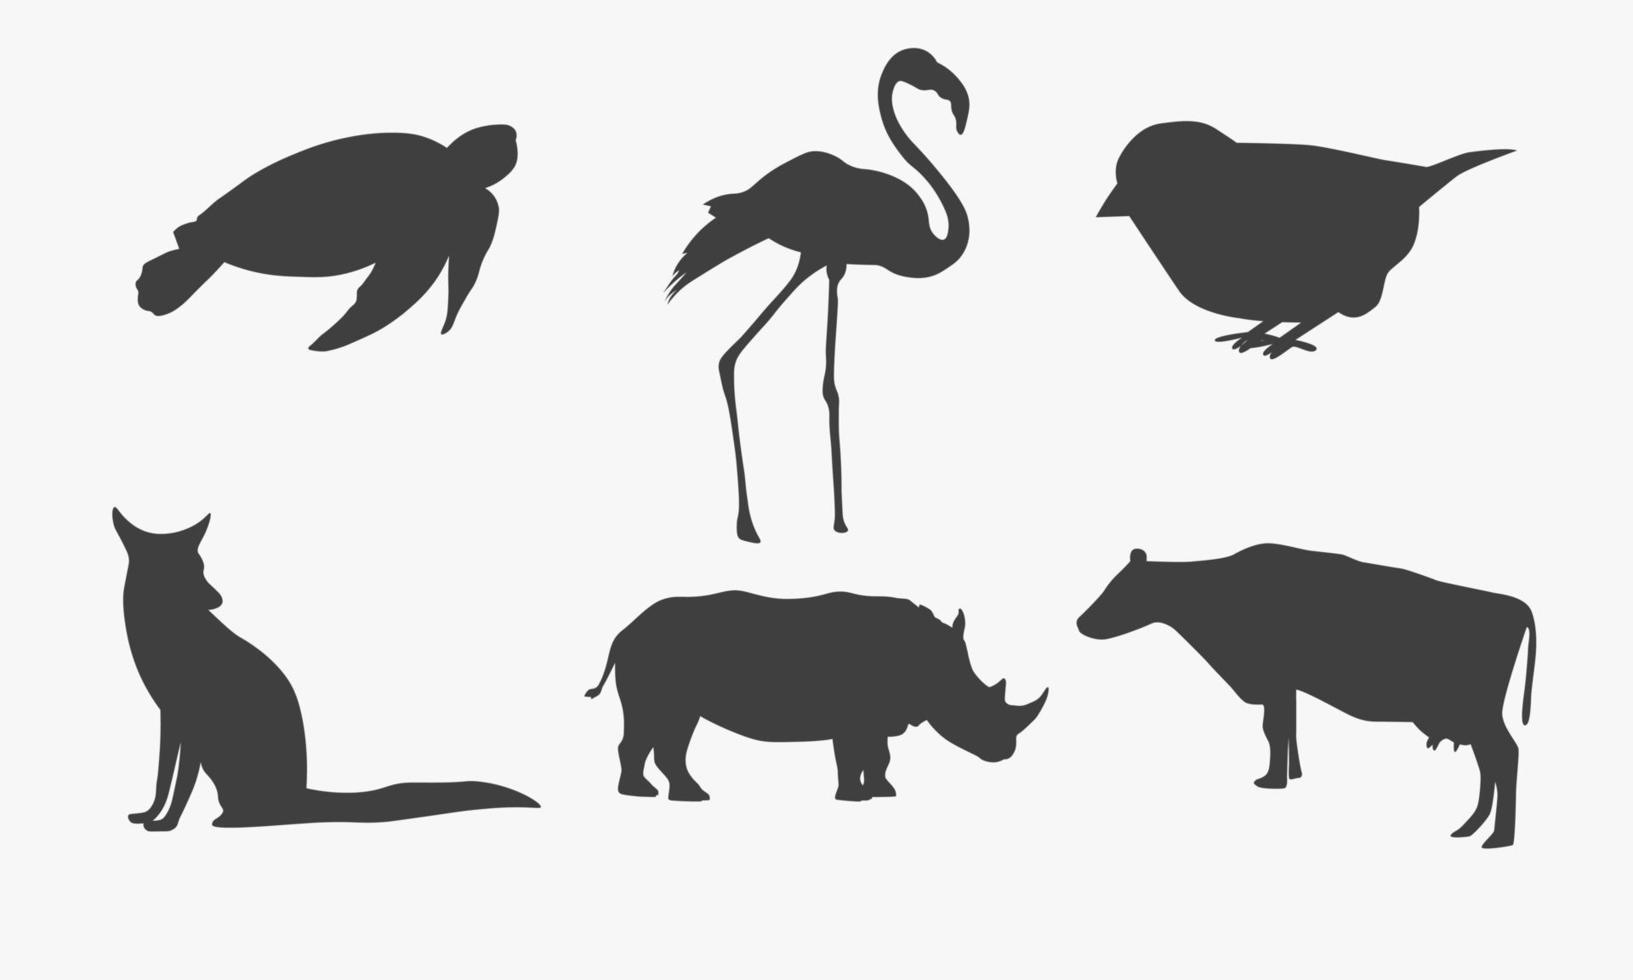 vektor illustration av djur silhuetter samling